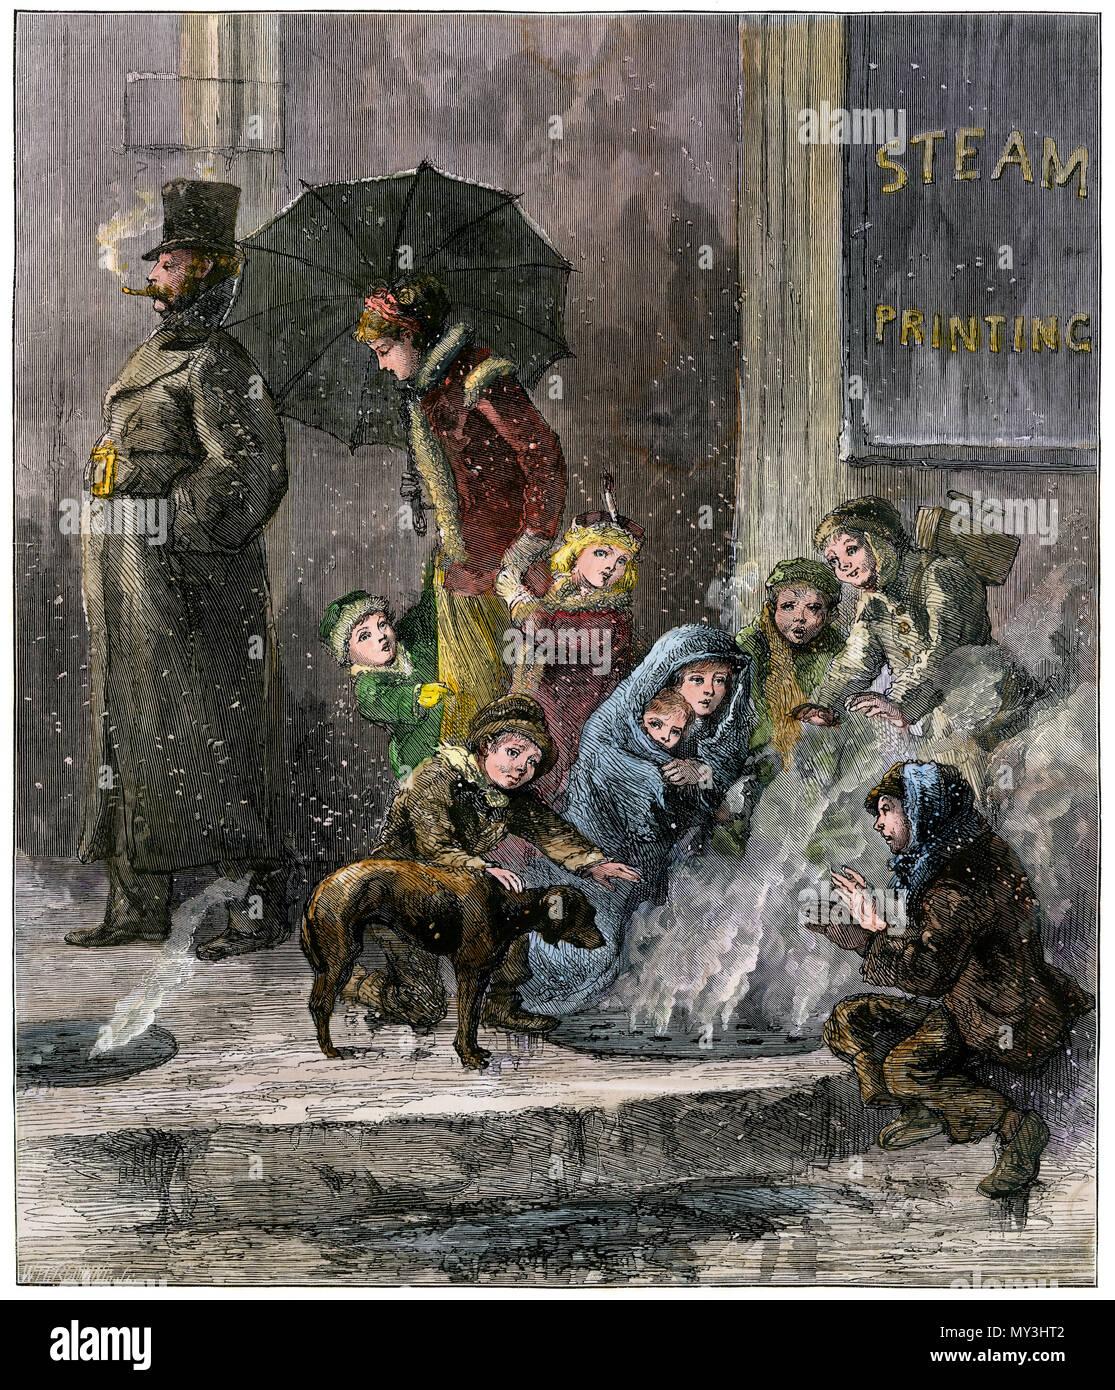 Armen Menschen warm sich über einen Bürgersteig Dampf in Manhattan vent, 1870. Hand - farbige Holzschnitt Stockbild